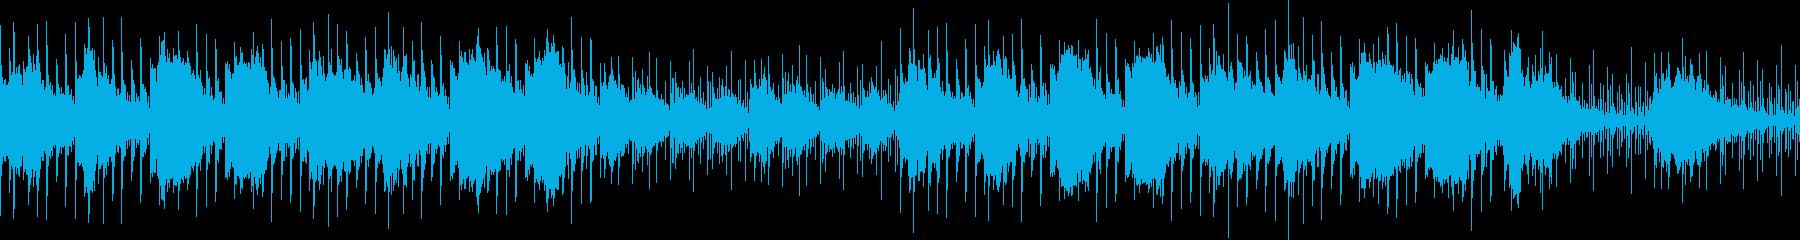 浮遊感・おしゃれ・ループジングルの再生済みの波形